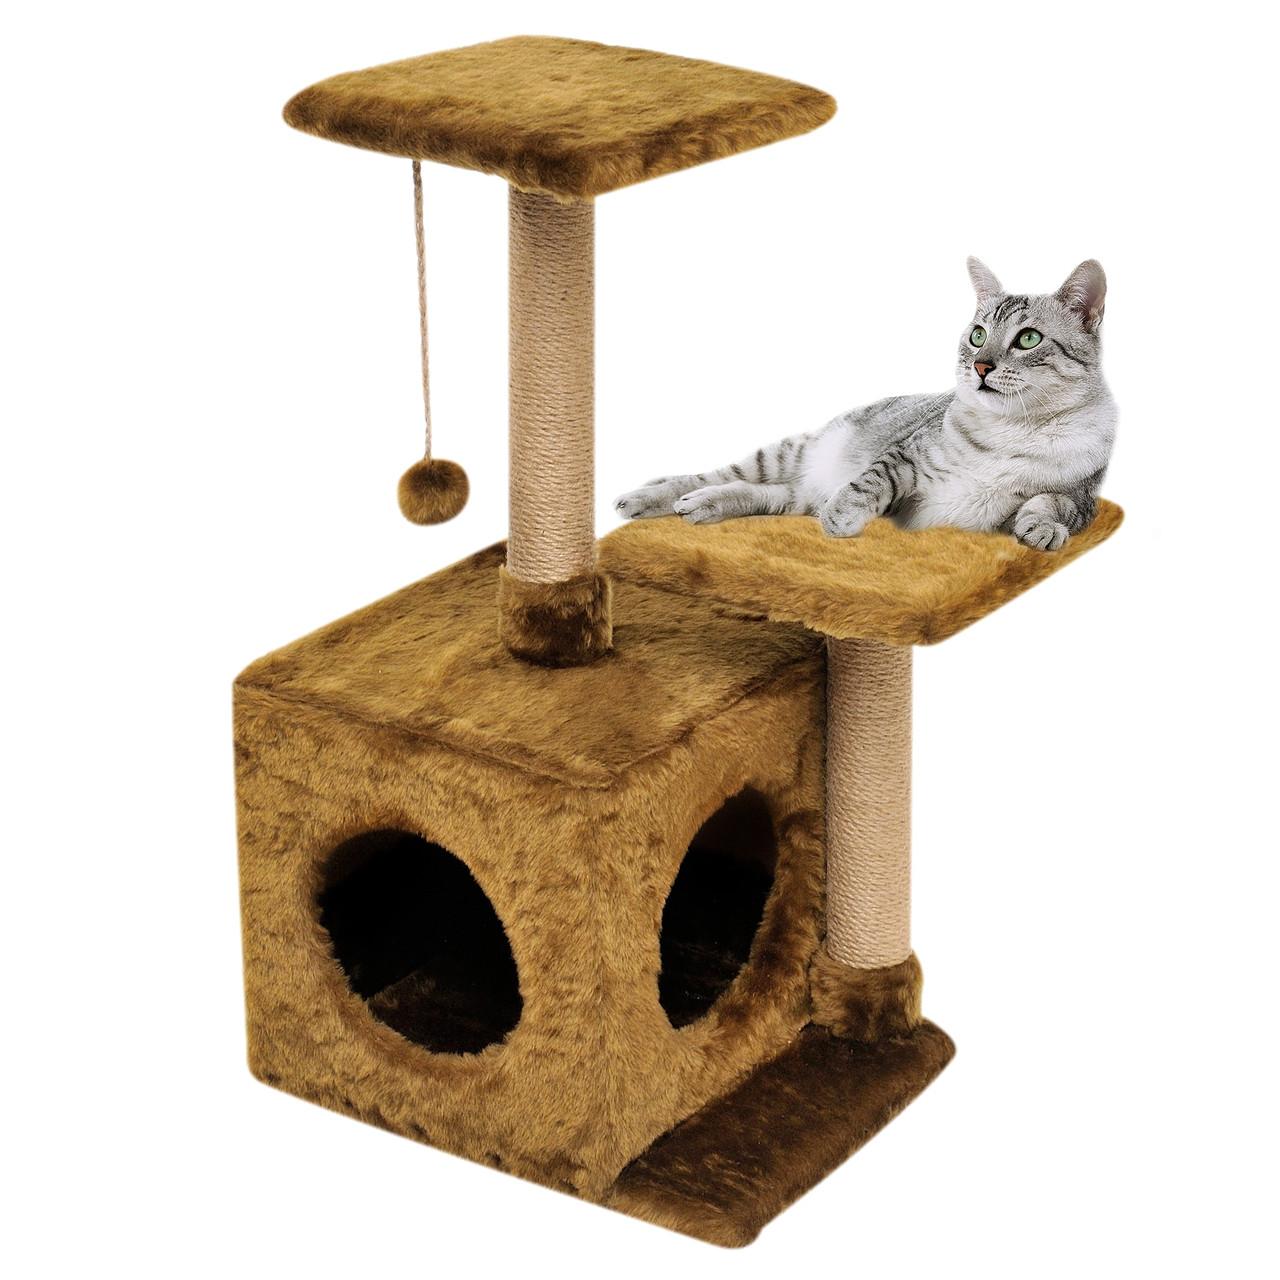 Будиночок-когтеточка з полицею Маруся 43х33х75 см (дряпка) для кішки Коричневий